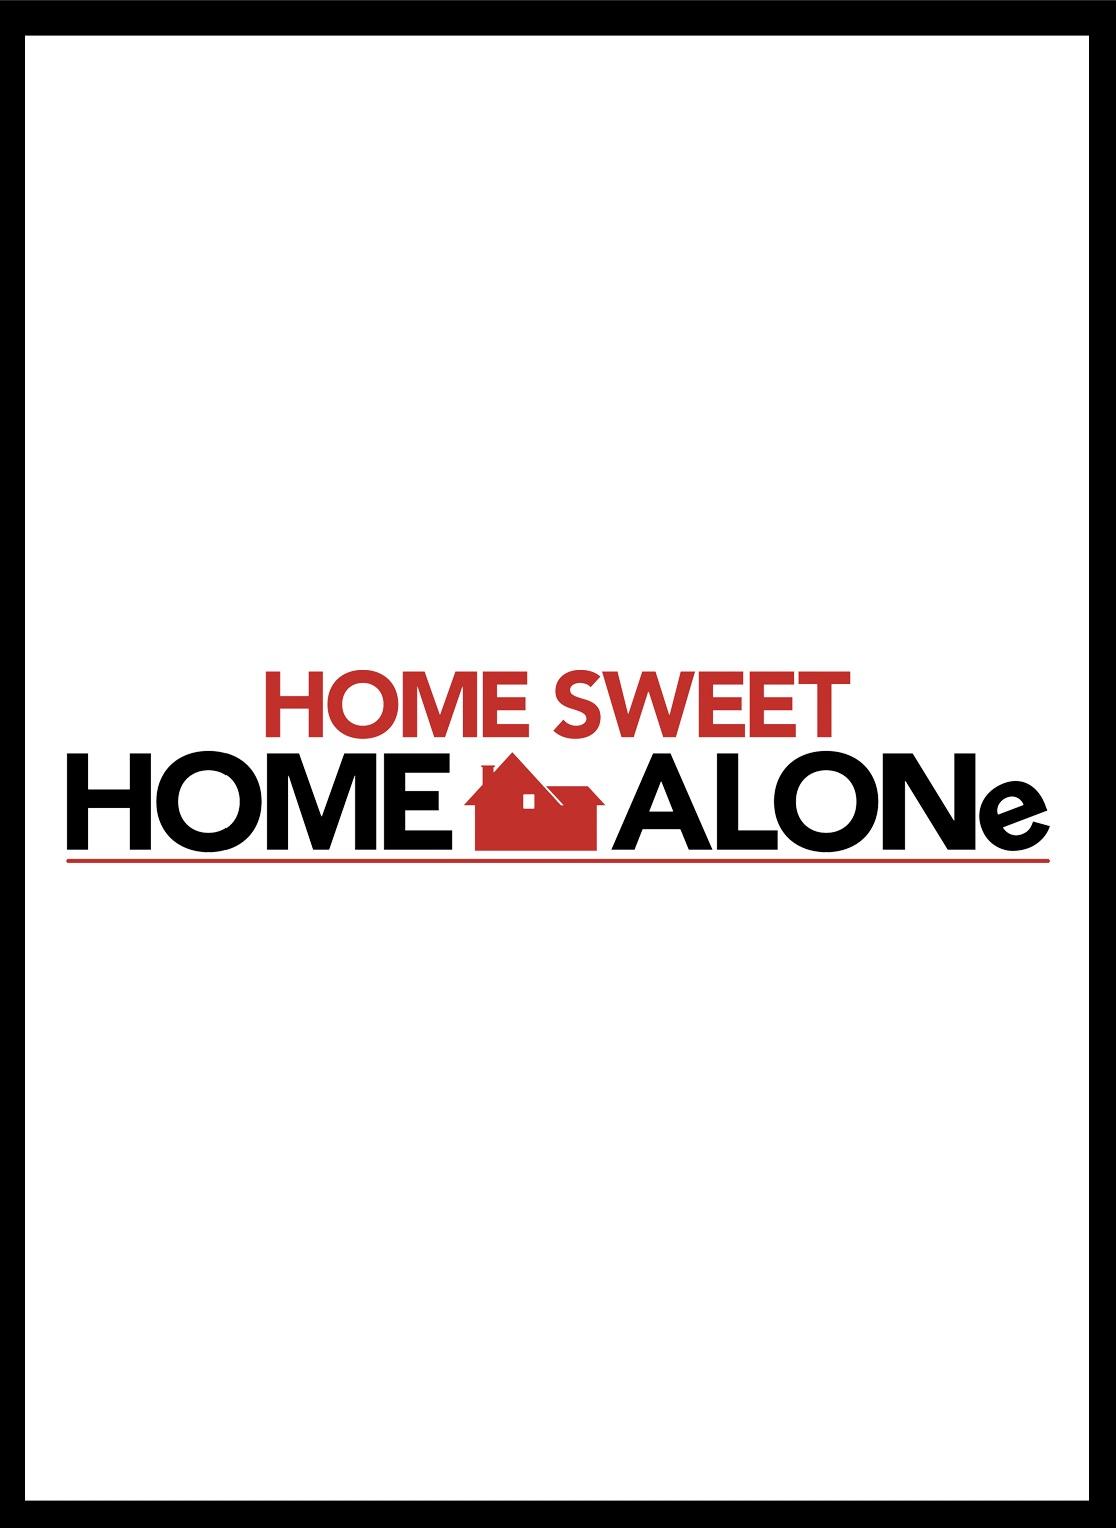 Download pelo celular Home Sweet Home Alone Qualidade boa